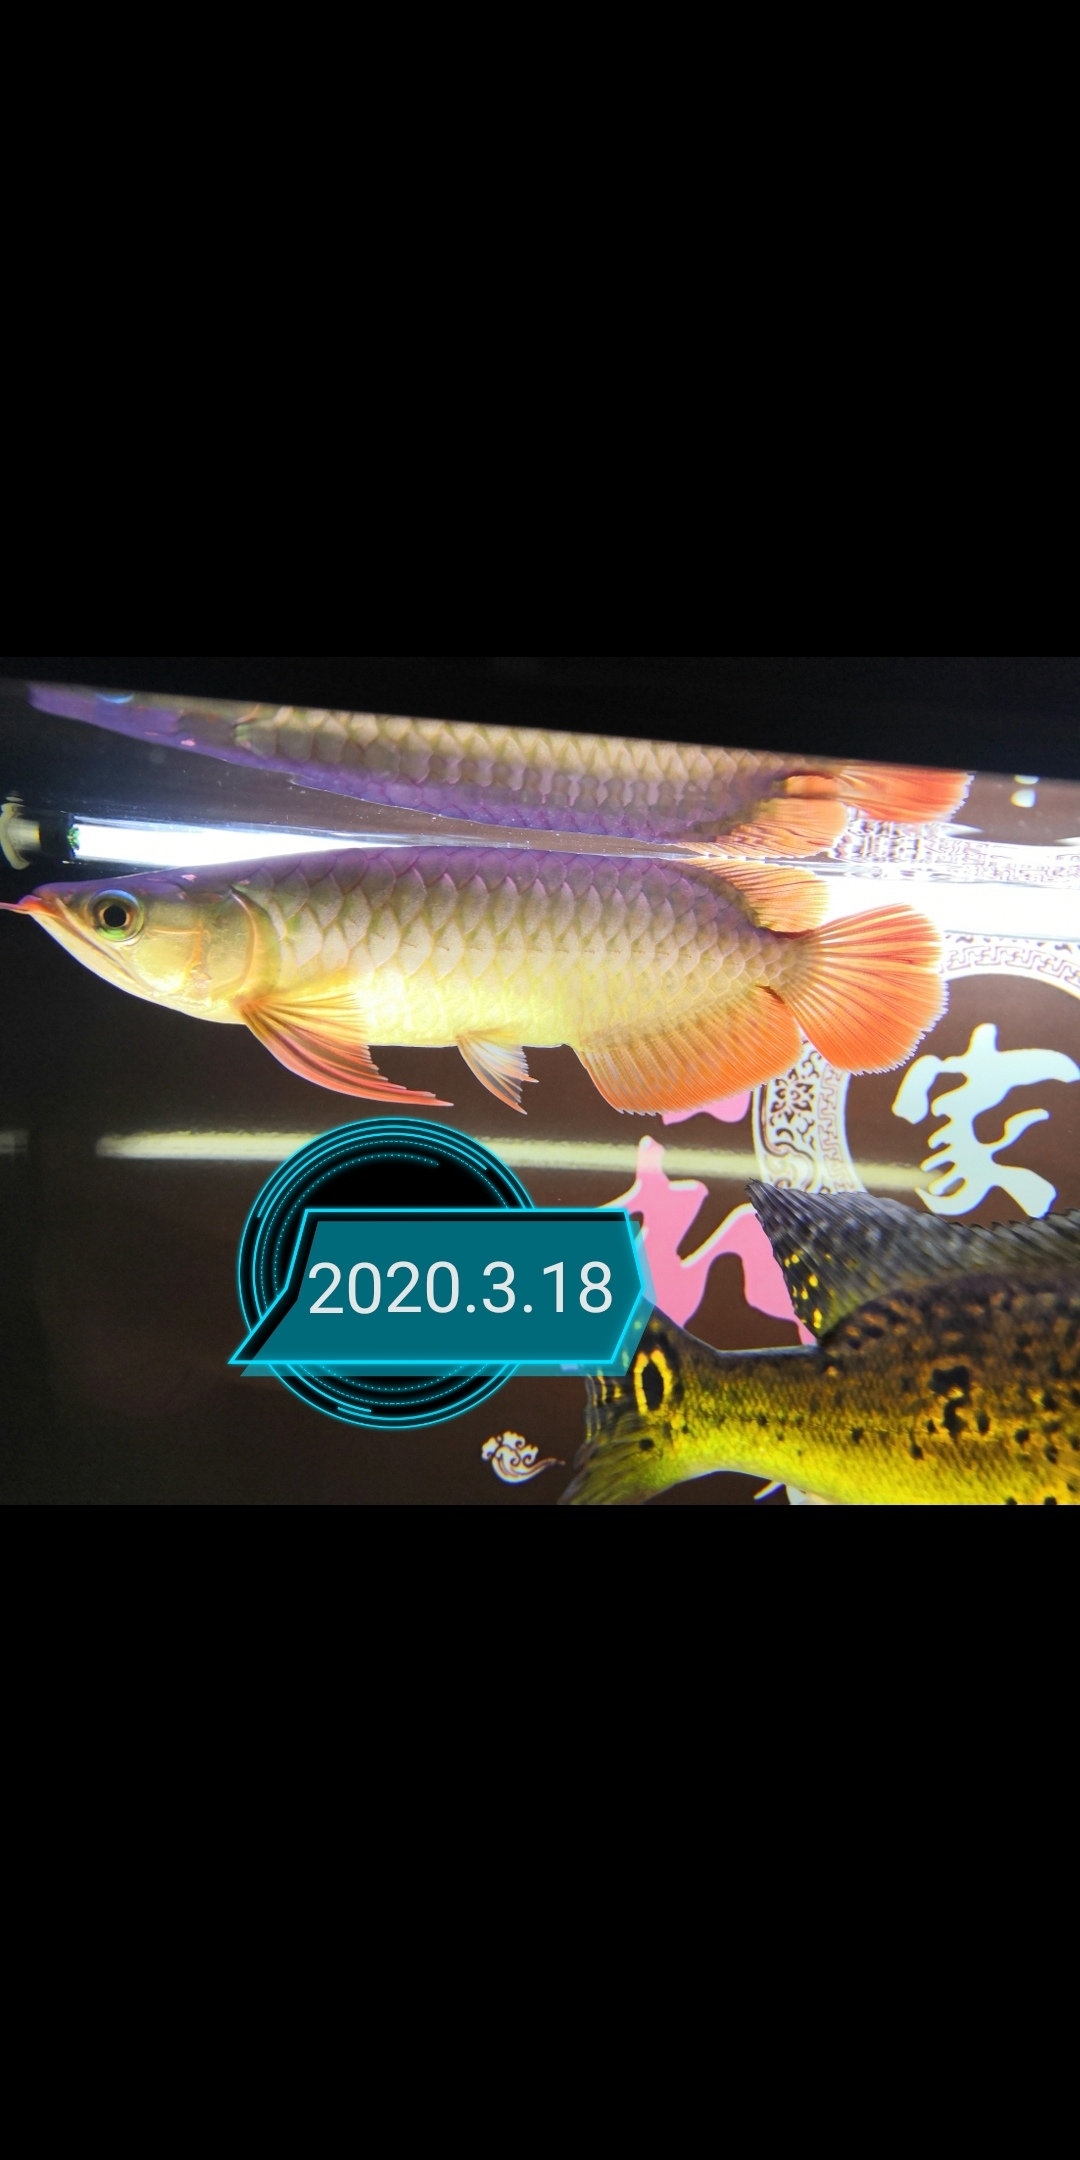 郑州玫瑰银板鱼怎么养大鱼住别墅小鱼再入缸 郑州龙鱼论坛 郑州龙鱼第3张